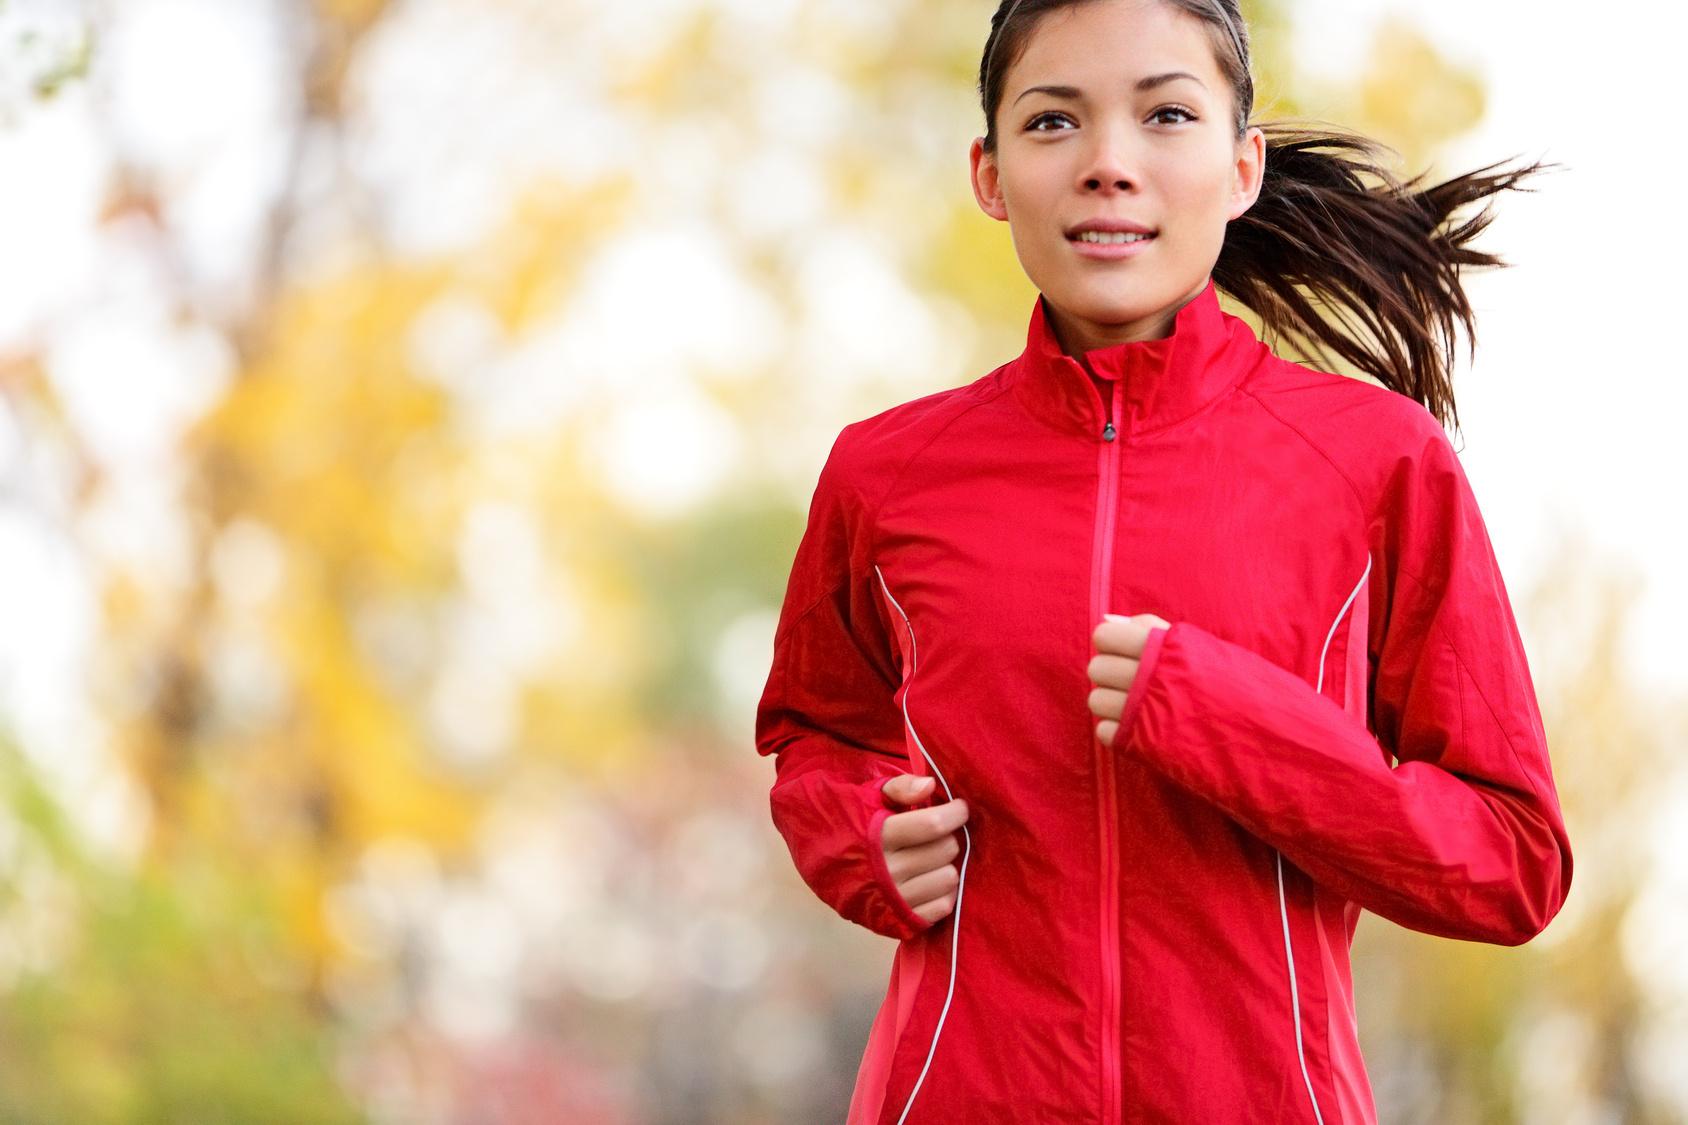 Ποια είναι η διαφορά μεταξύ του τρεξίματος και του τζόκινγκ;